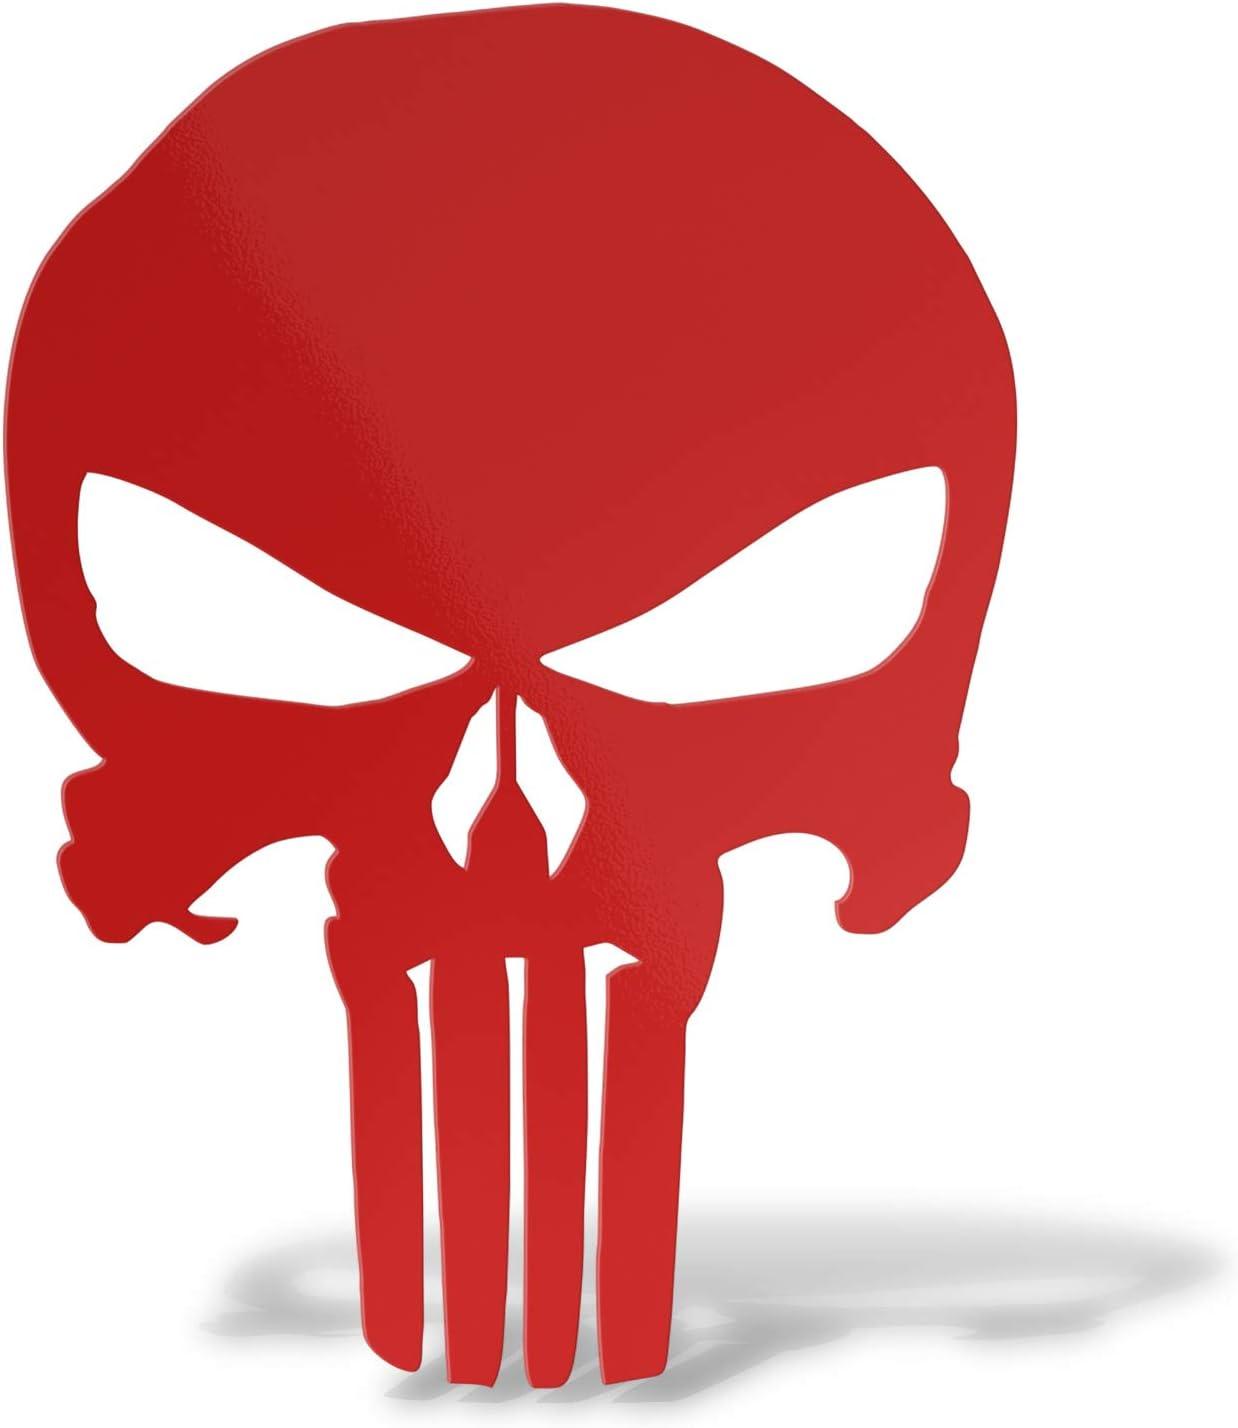 Erreinge Aufkleber Prespaced Red 12cm Punisher Schädel Schädel Aufkleber Aufkleber Wandvinyl Aufkleber Laptop Auto Moto Helm Camper Baumarkt